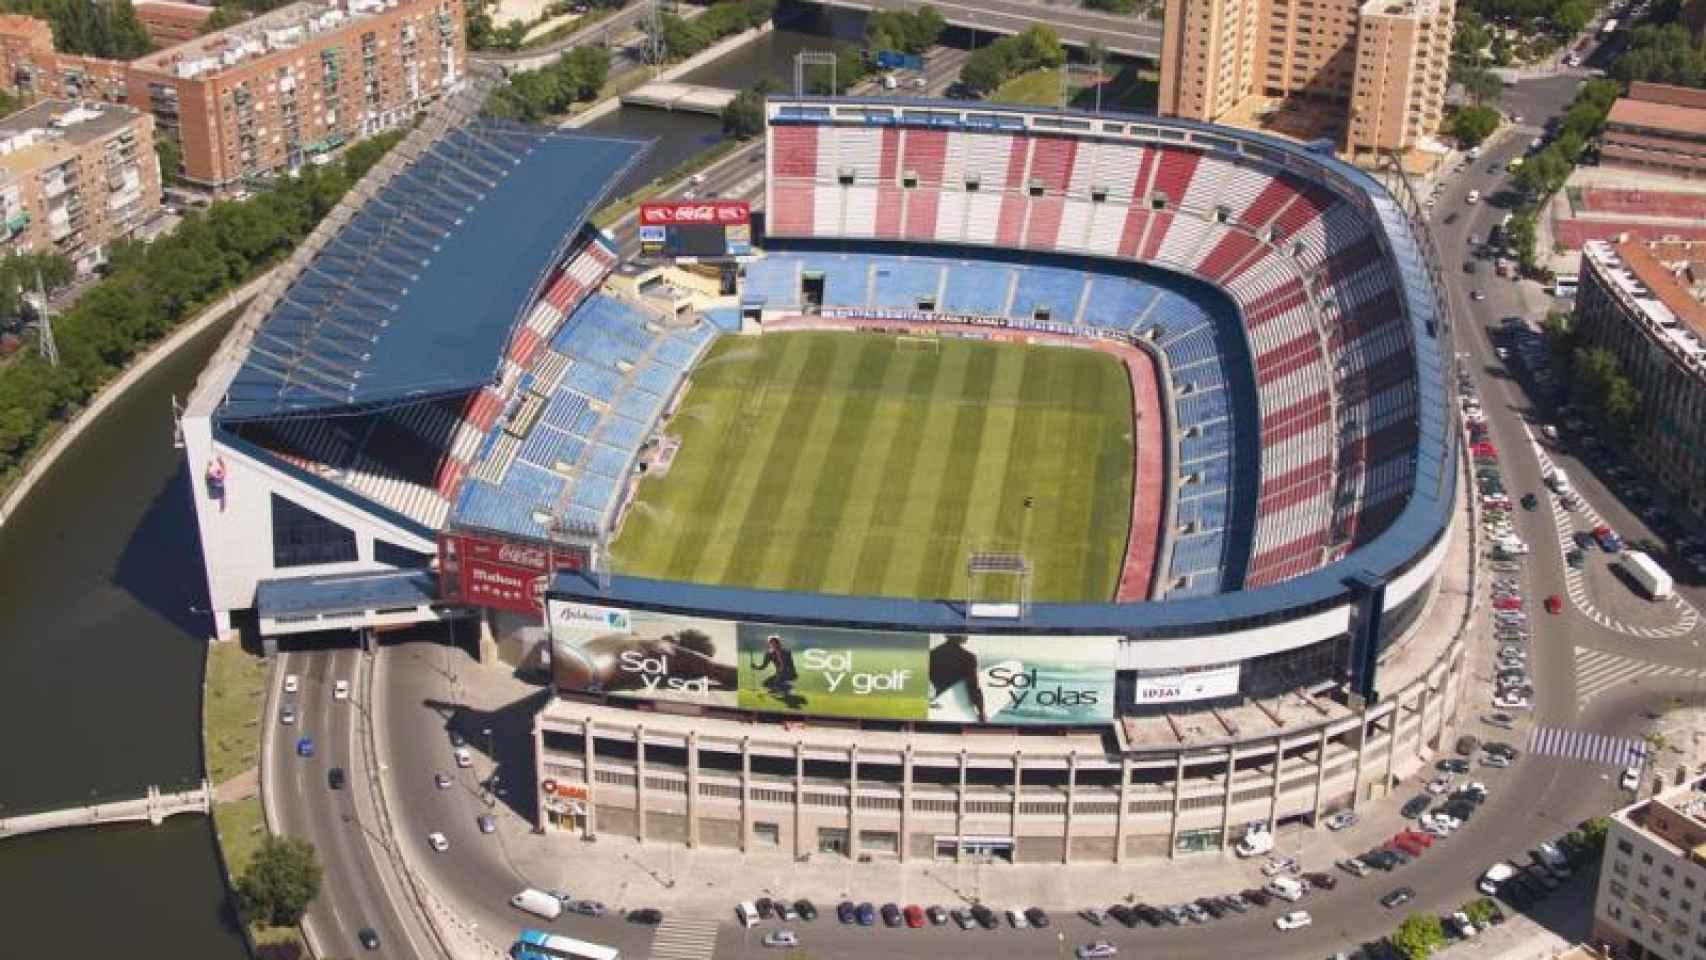 La Operación Calderón está a punto: el Atlético de Madrid jugará en La Peineta en agosto de 2017